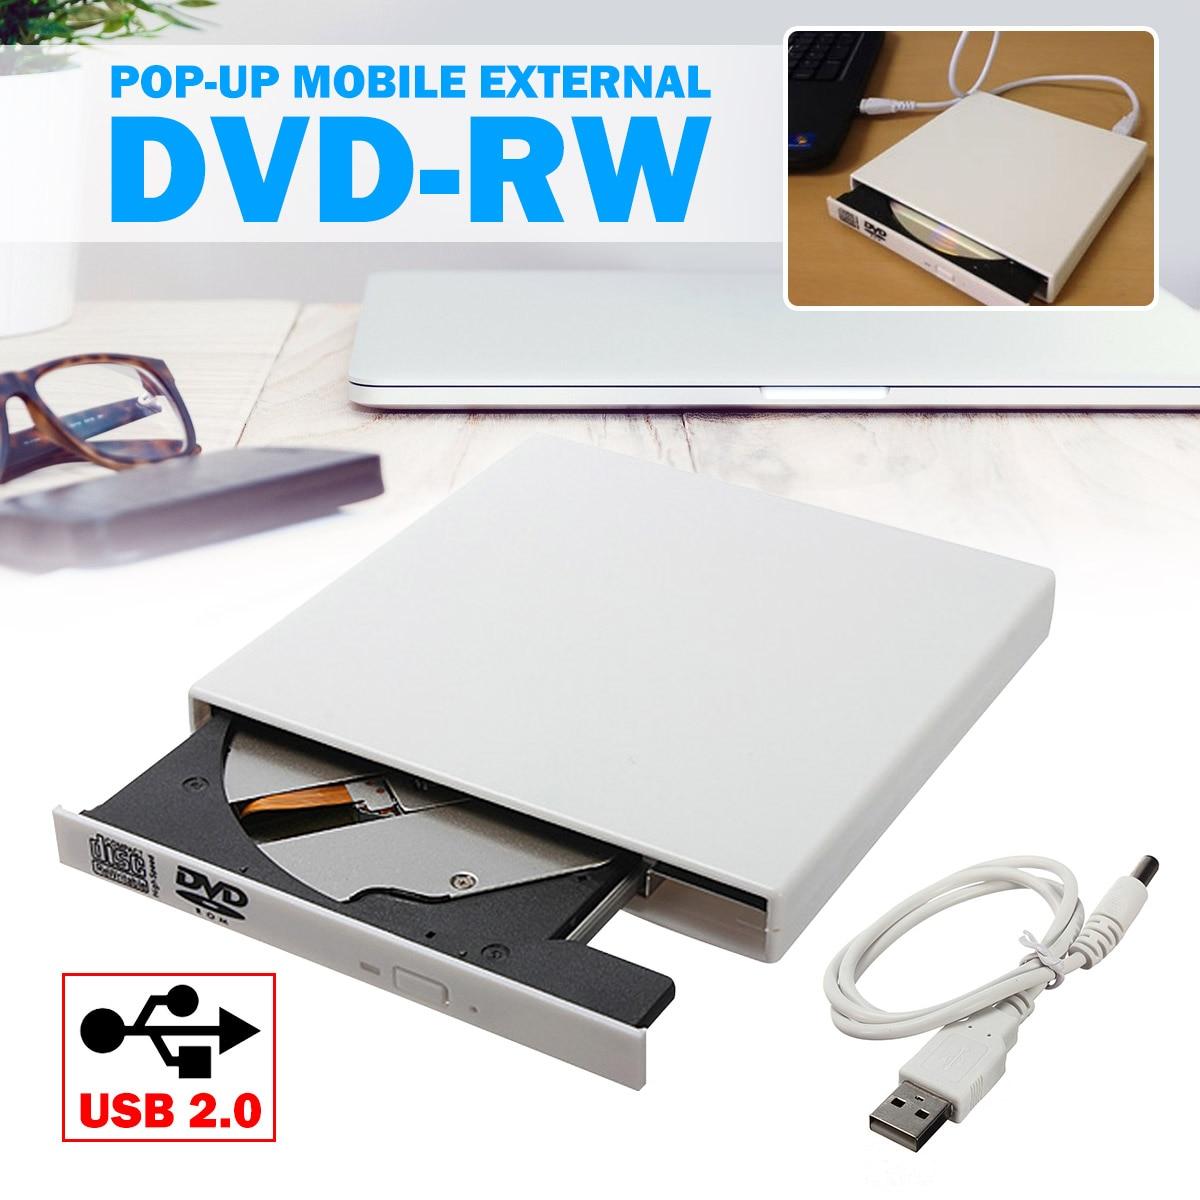 Haute qualité USB 2.0 Portable Ultra mince externe Slot-in DVD-RW CD-RW lecteur CD DVD ROM lecteur graveur régraveur brûleur pour PC